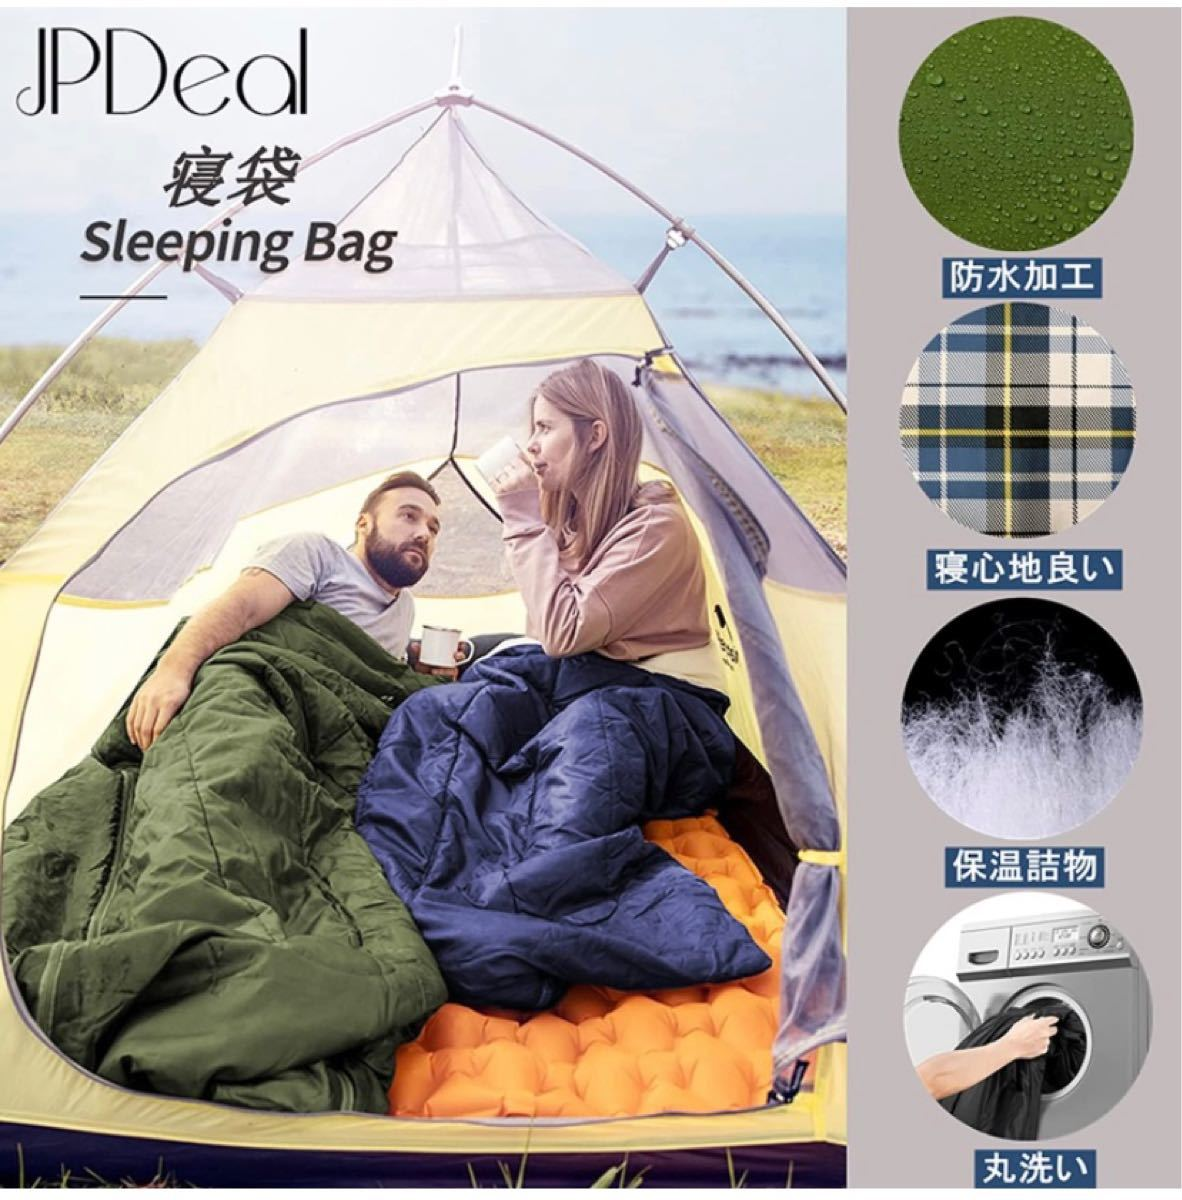 寝袋封筒型 210T防水保温軽量コンパクト登山防災用 車中泊